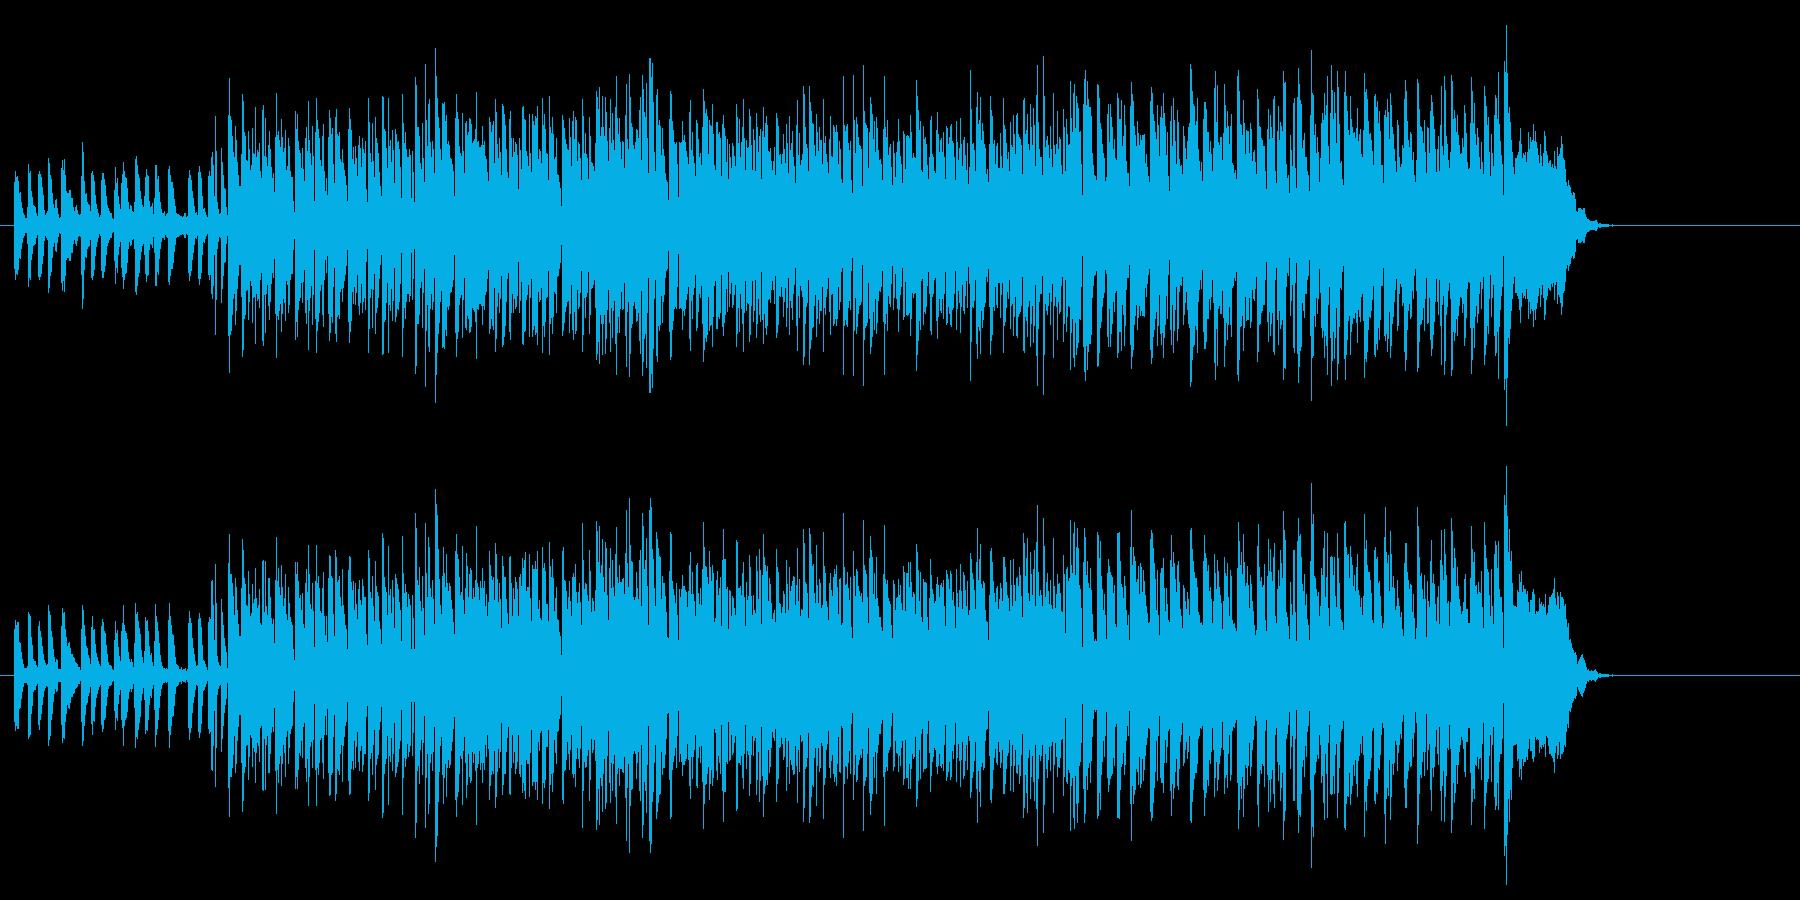 ヒップホップ系エレクトリック・ポップスの再生済みの波形